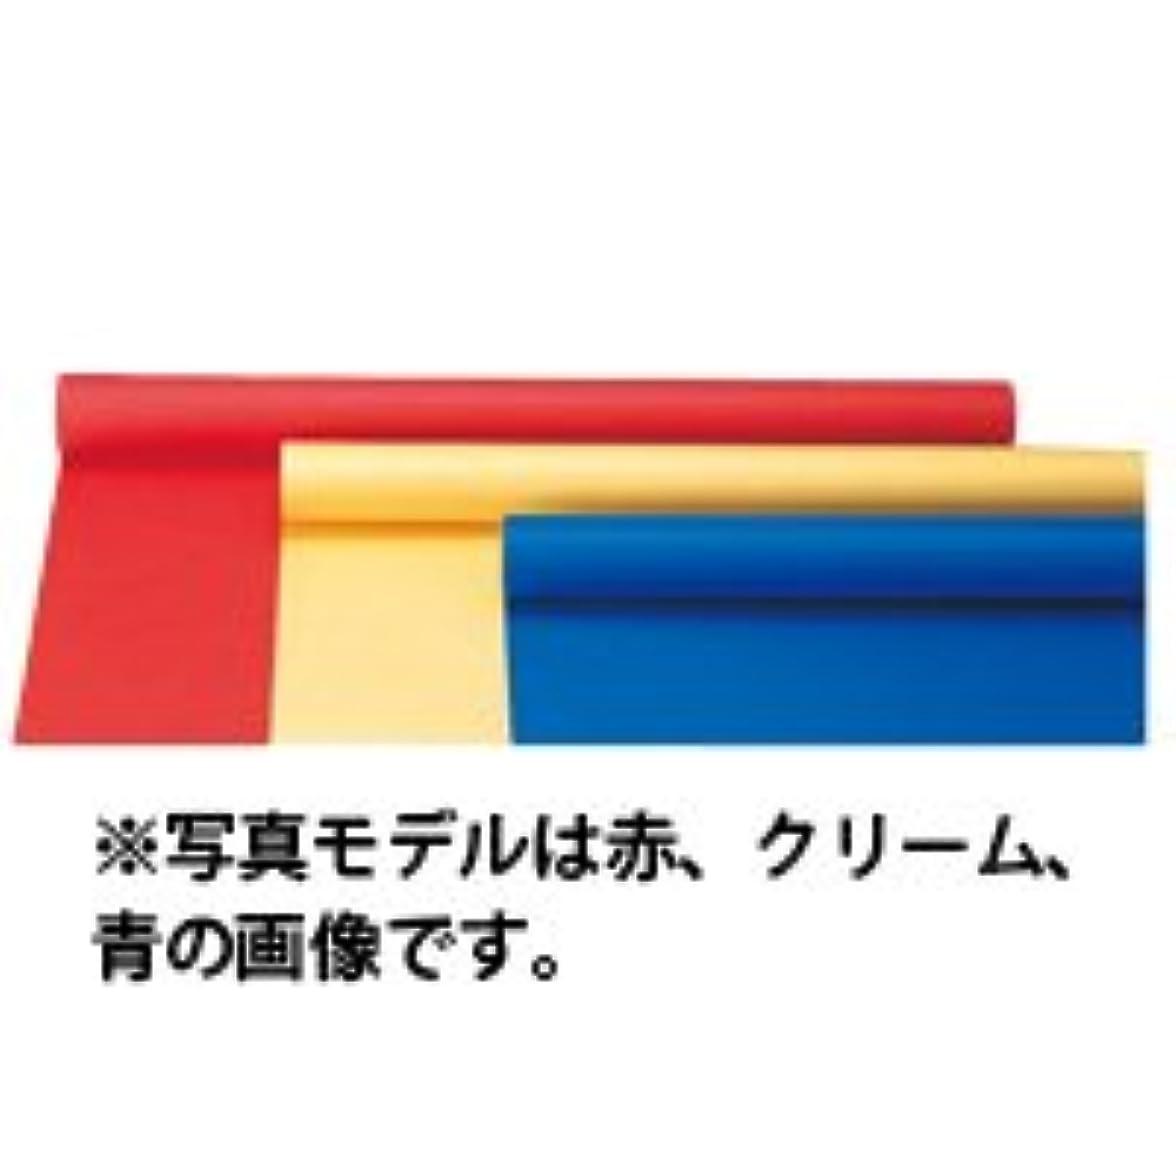 ジョグフェミニンそのようなジャンボロール 画用紙※このページは「みどり」のみの販売です◆みどり